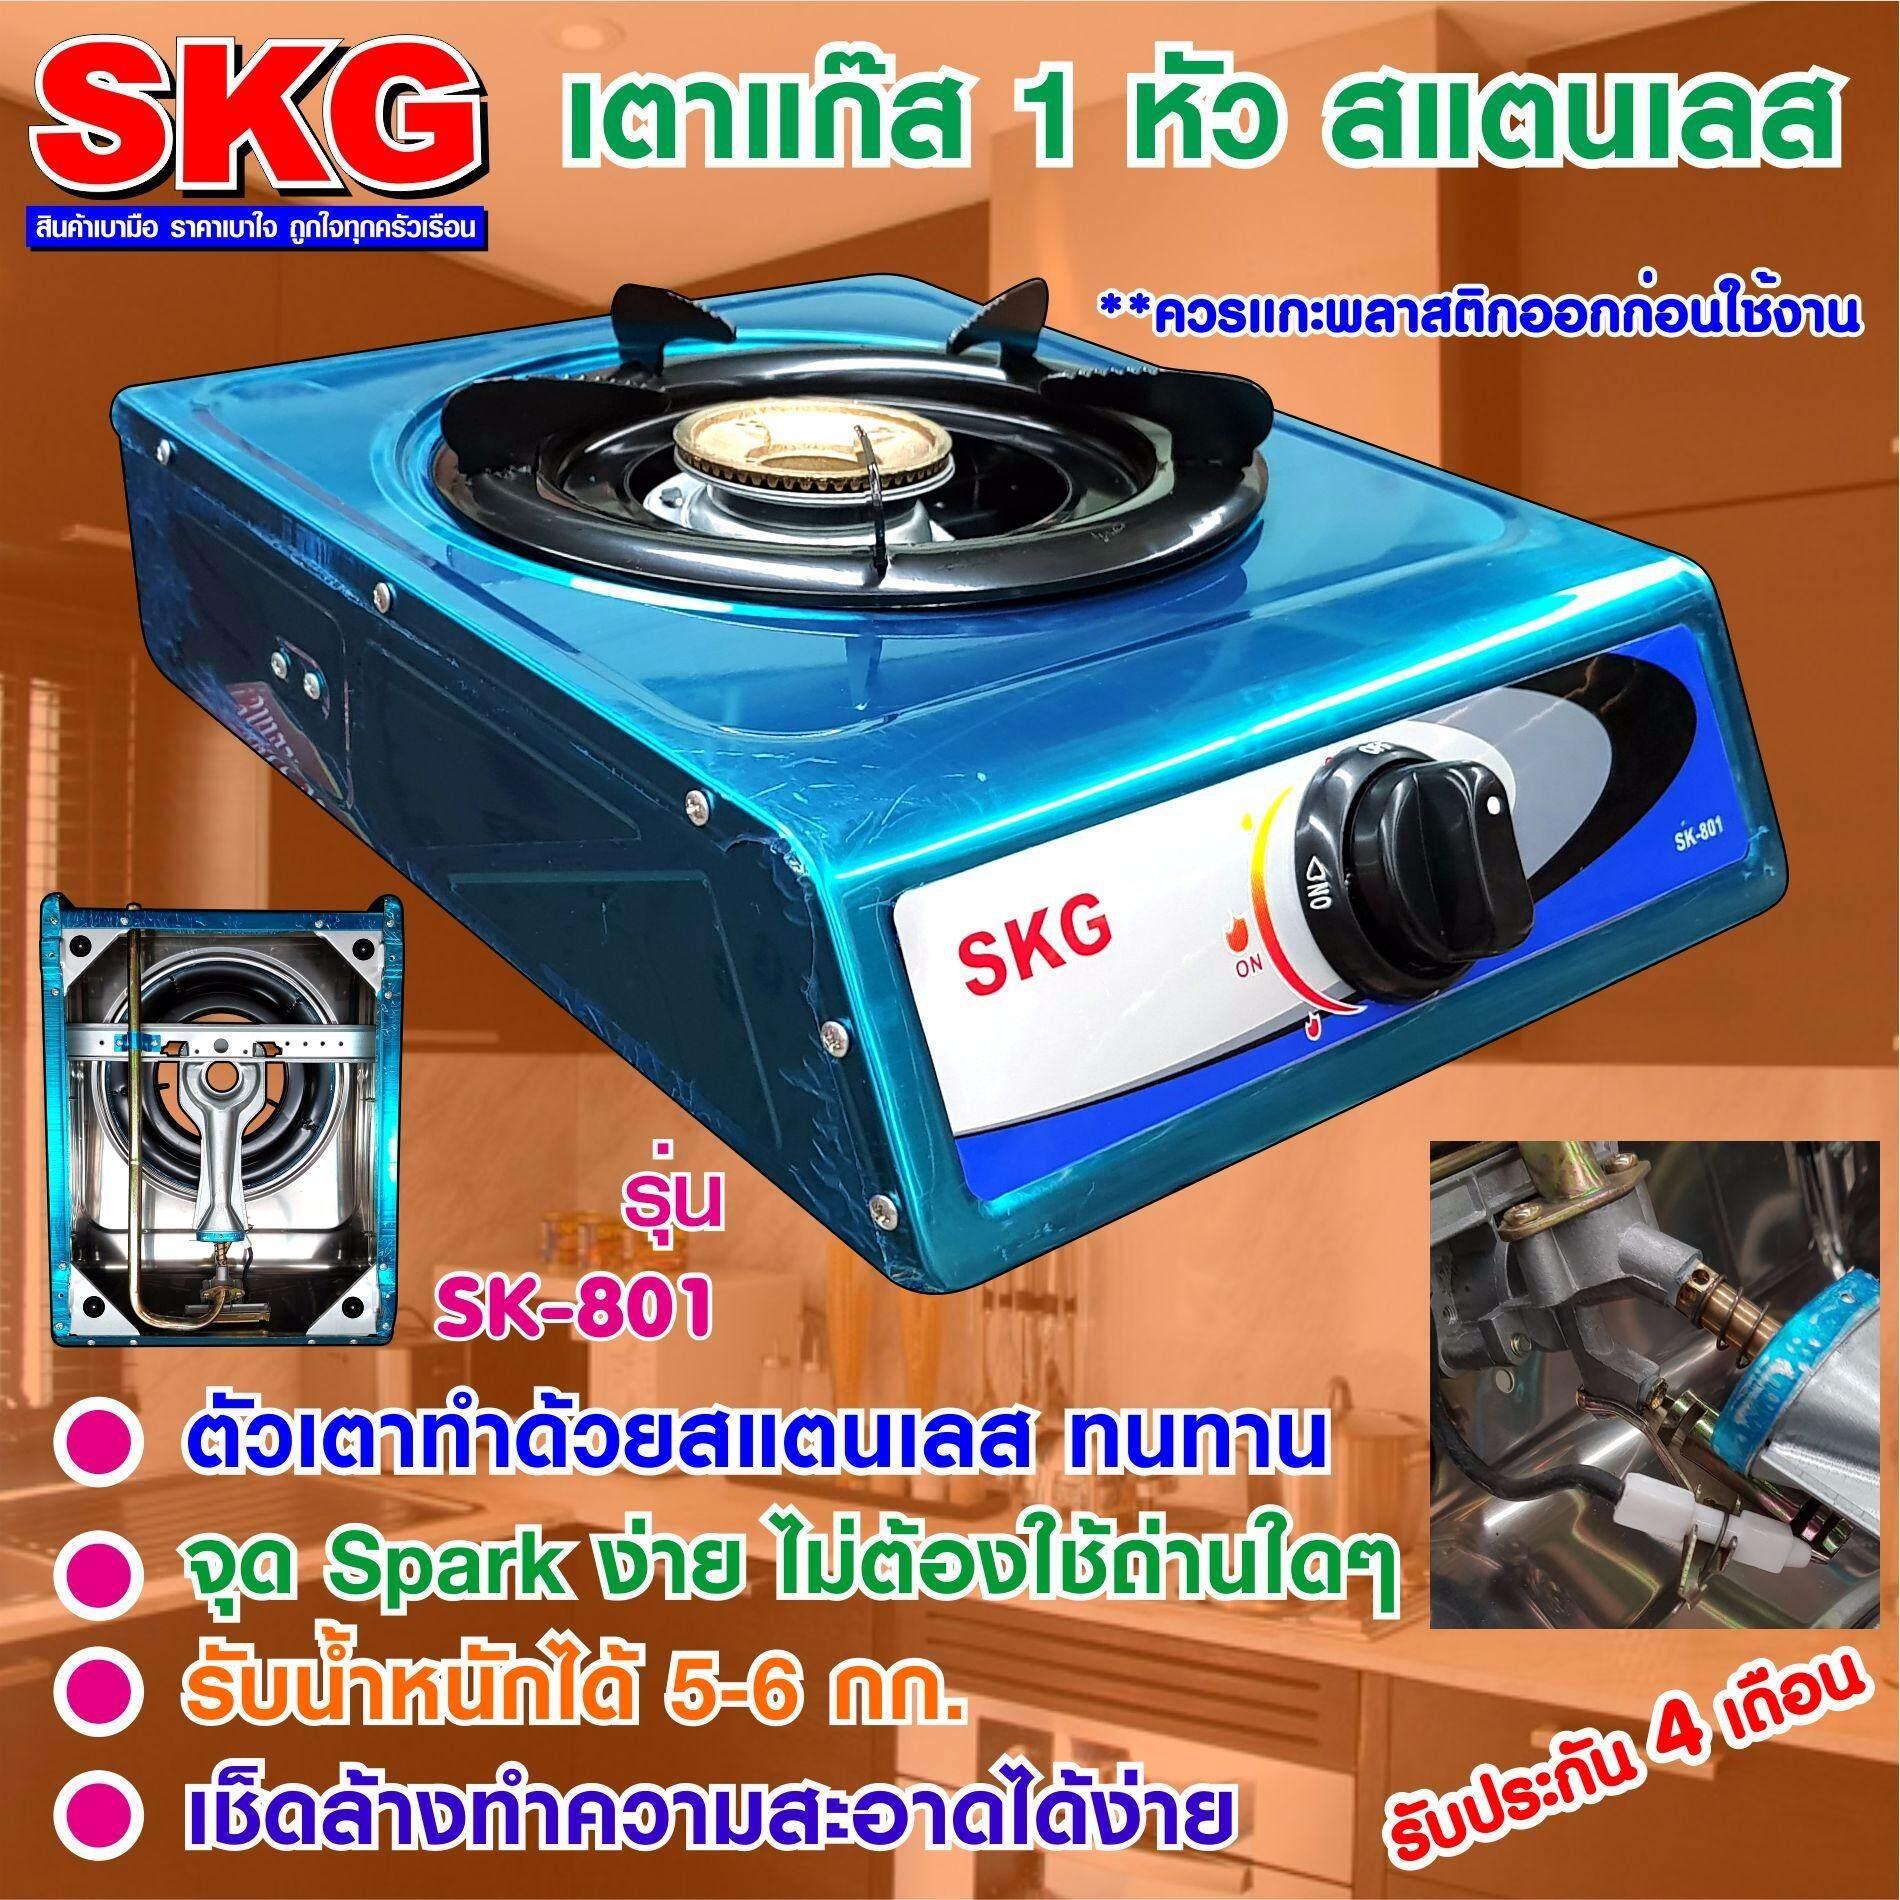 ราคา Skg เตาแก๊ส สแตนเลส 1 หัว รุ่น Sk 801 สีเงิน Skg เป็นต้นฉบับ